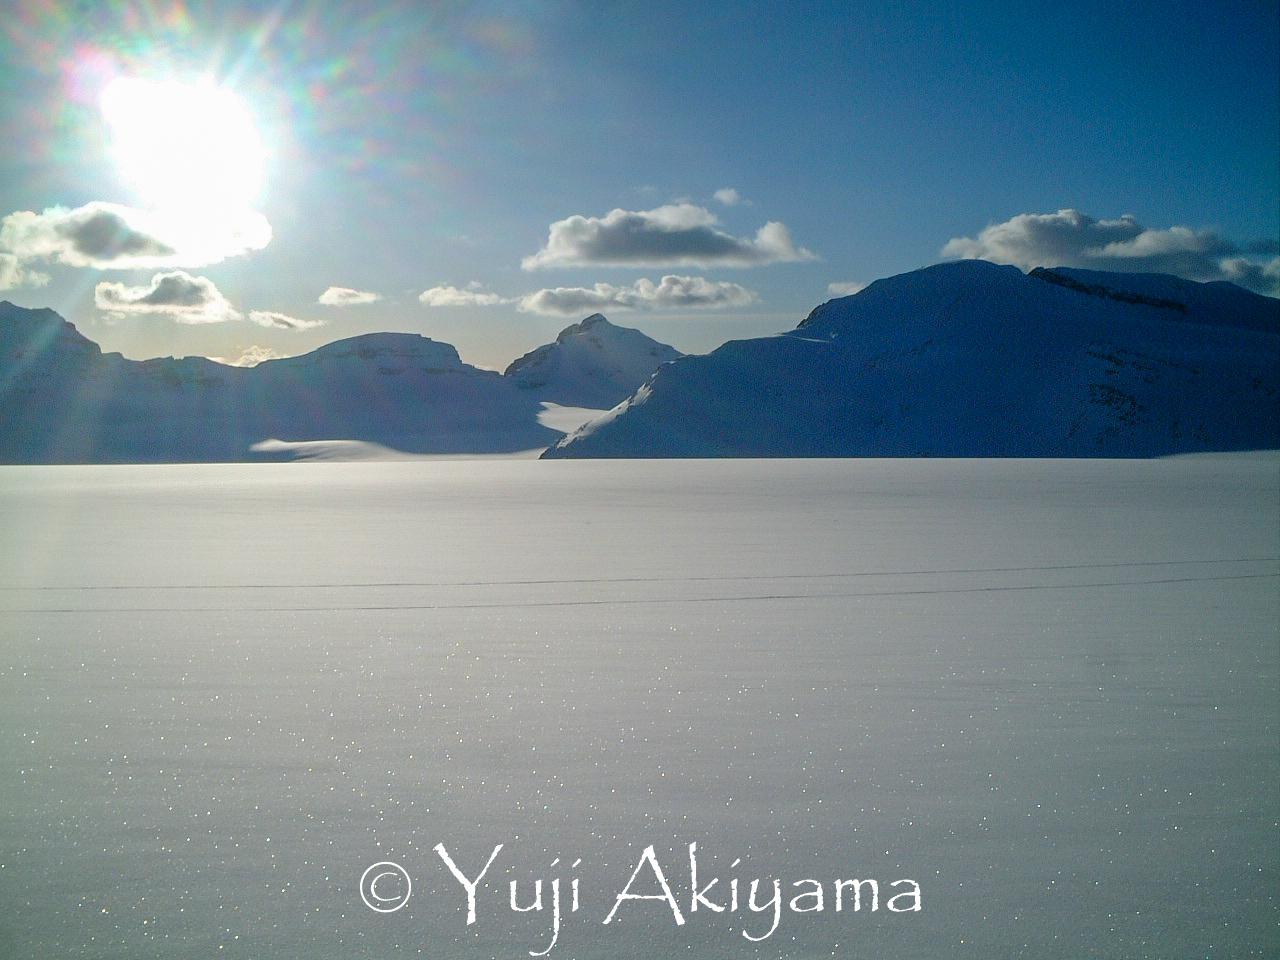 夕暮れが迫る氷原